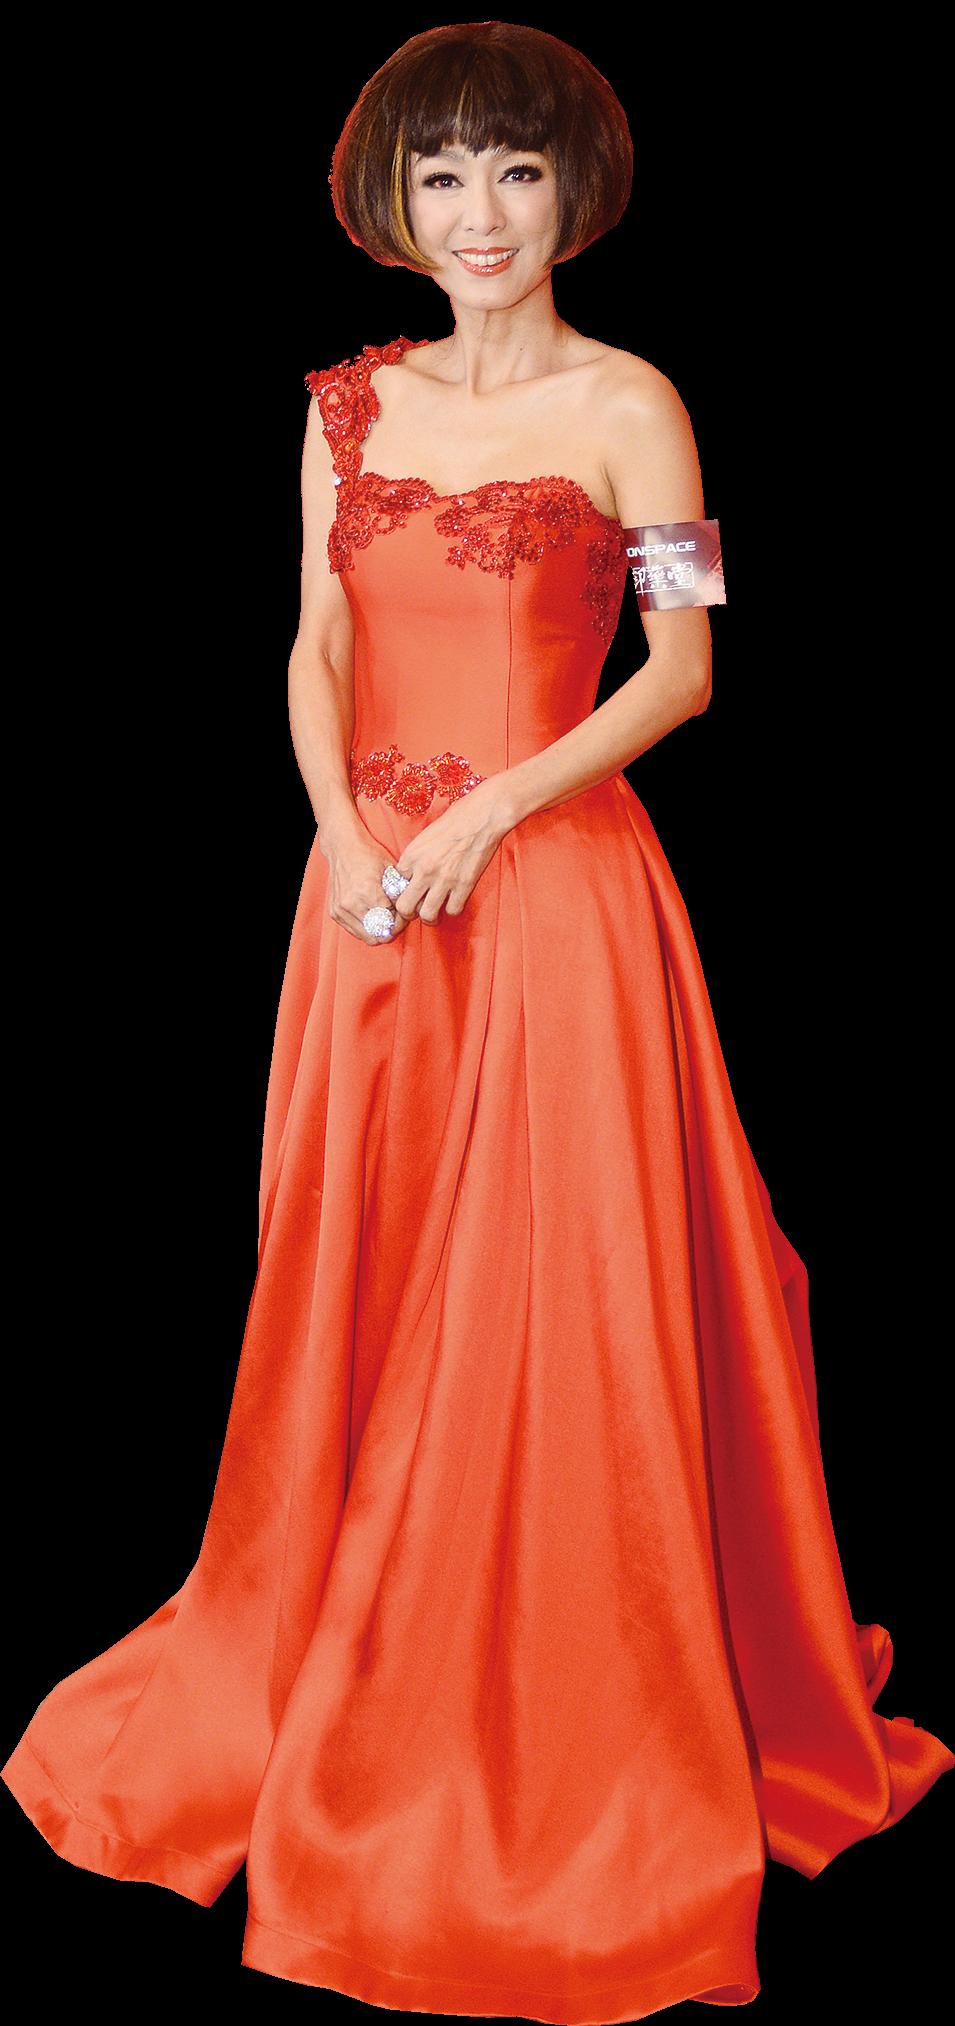 米雪身穿紅色拖地禮服靚得像新娘。(宋祥龍/大紀元)